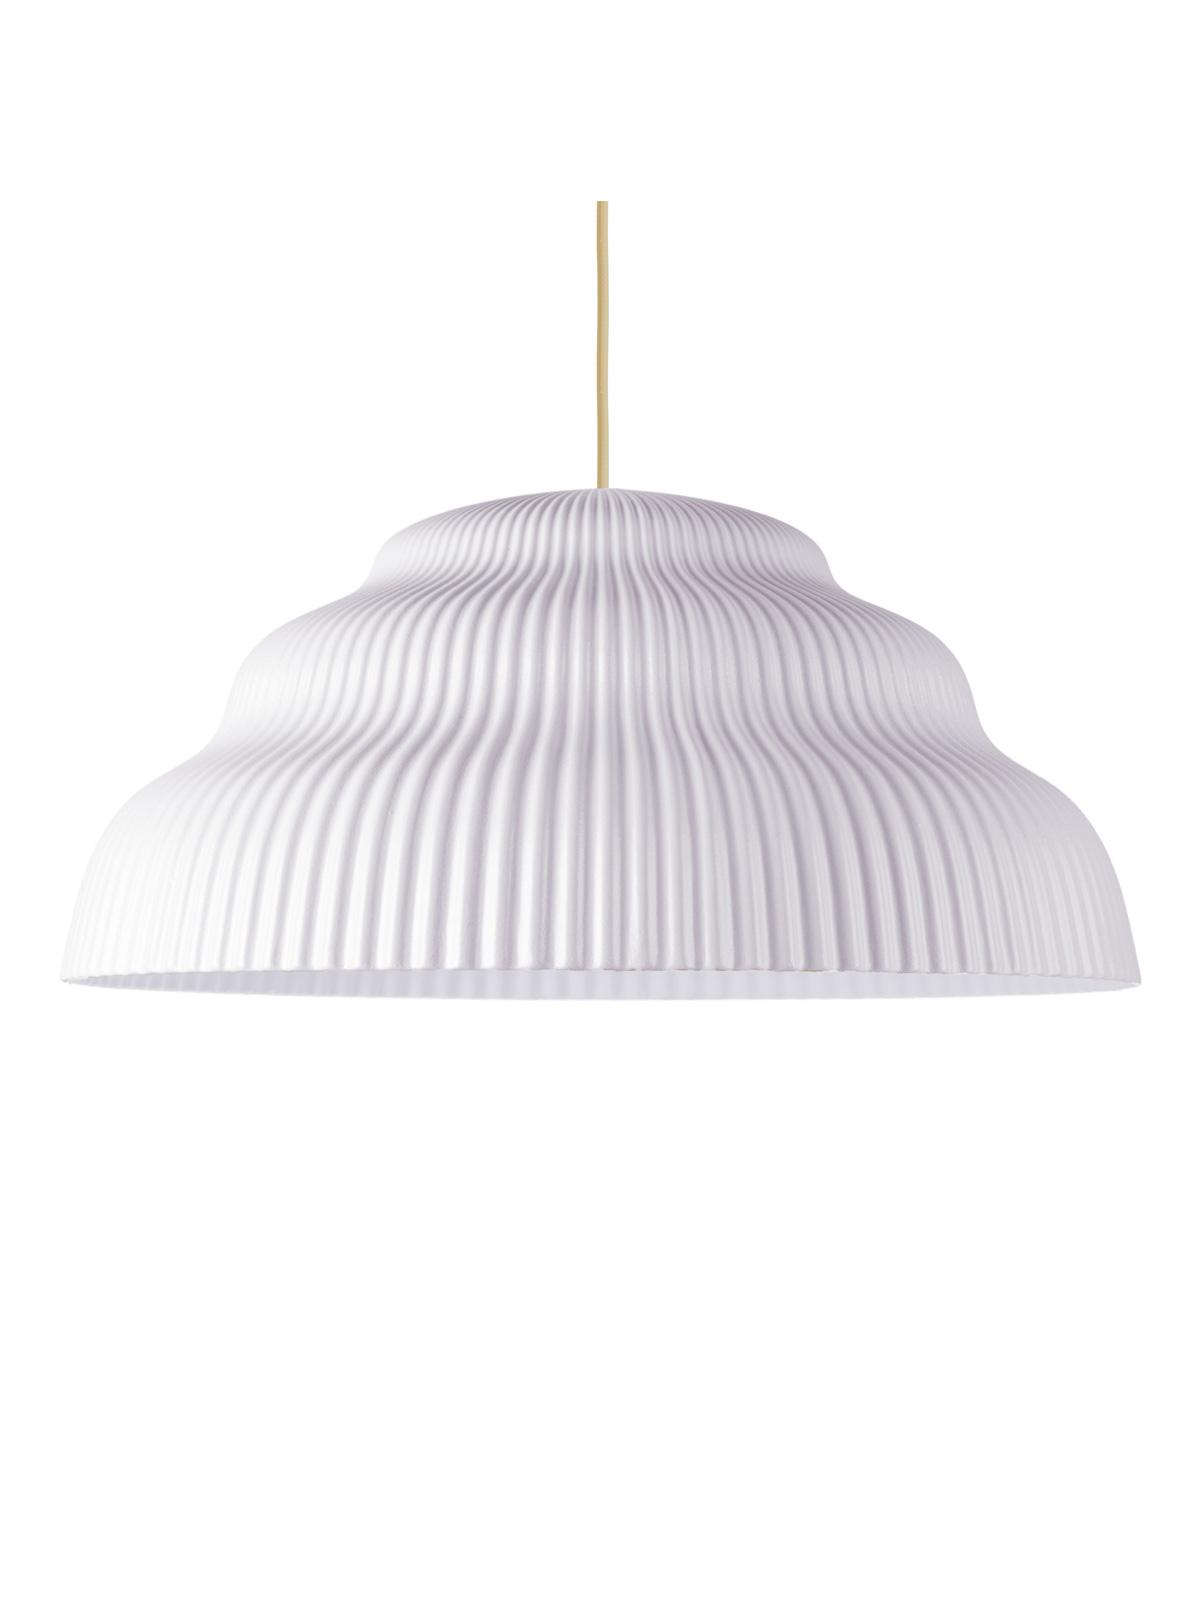 Schneid Kaskad Designerleuchte Keramiklampe DesignOrt Onlineshop Licht Leuchten Lampe